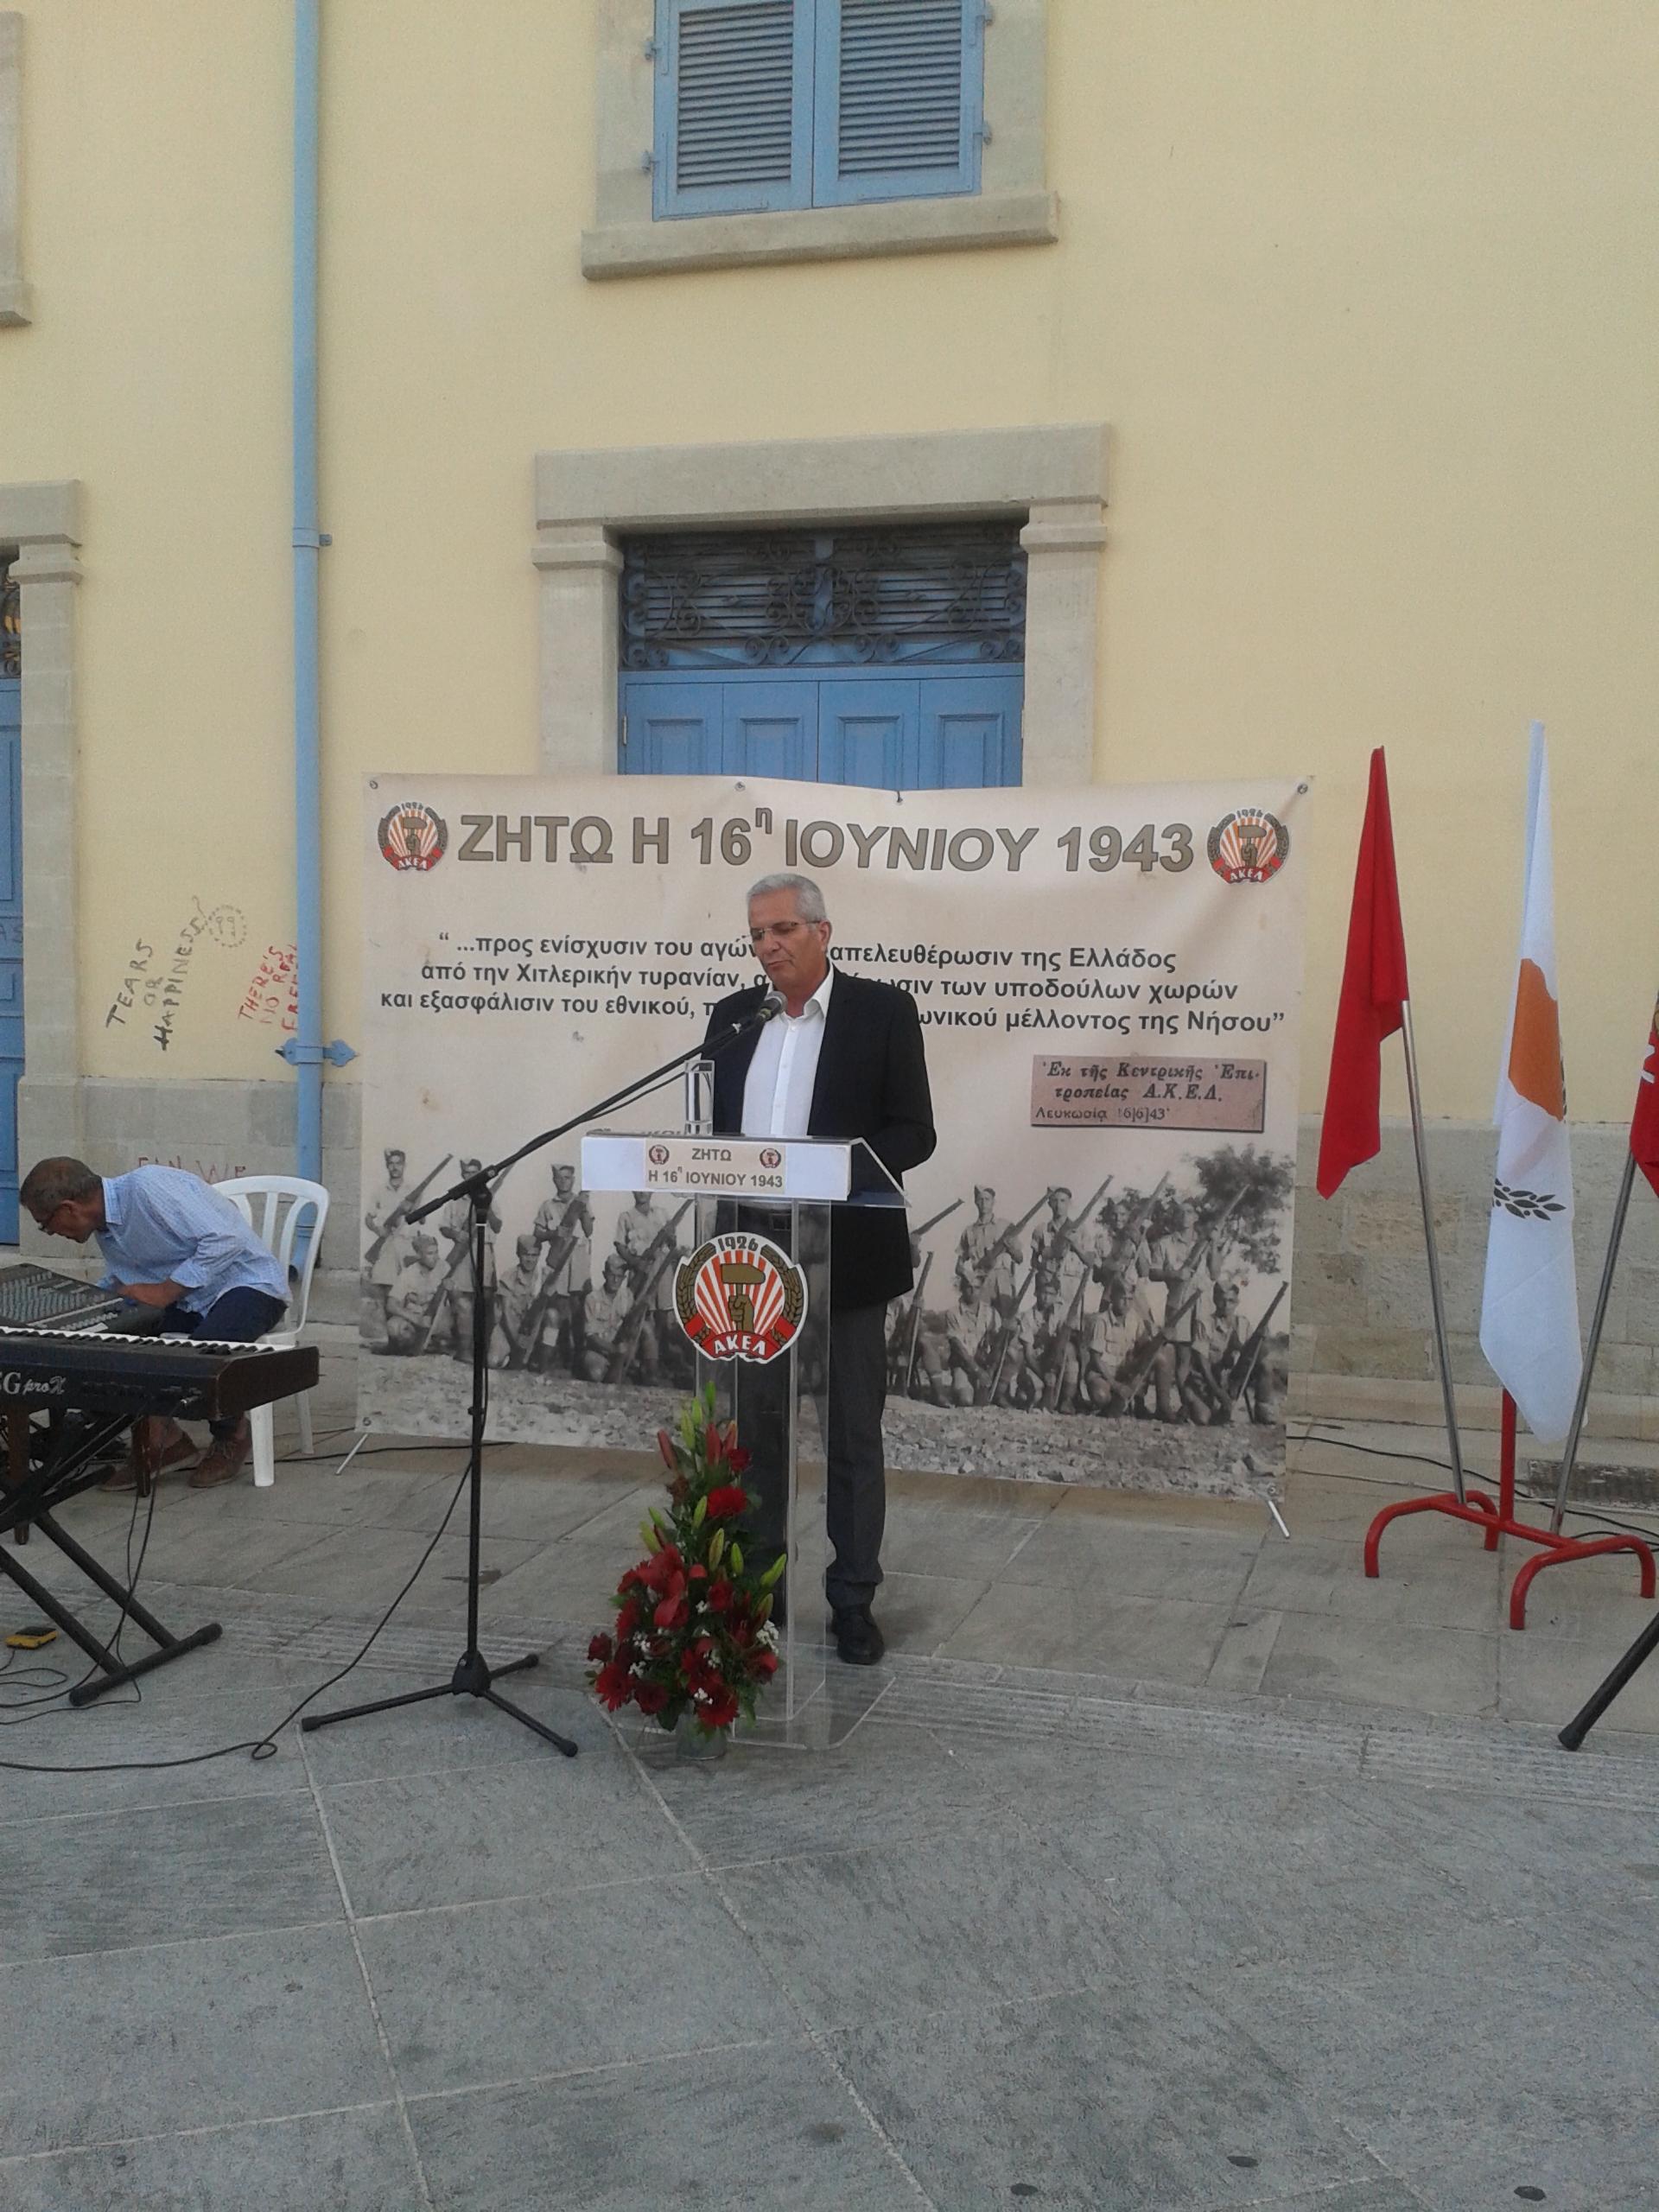 ΓΓ GG Akyprianou 16η